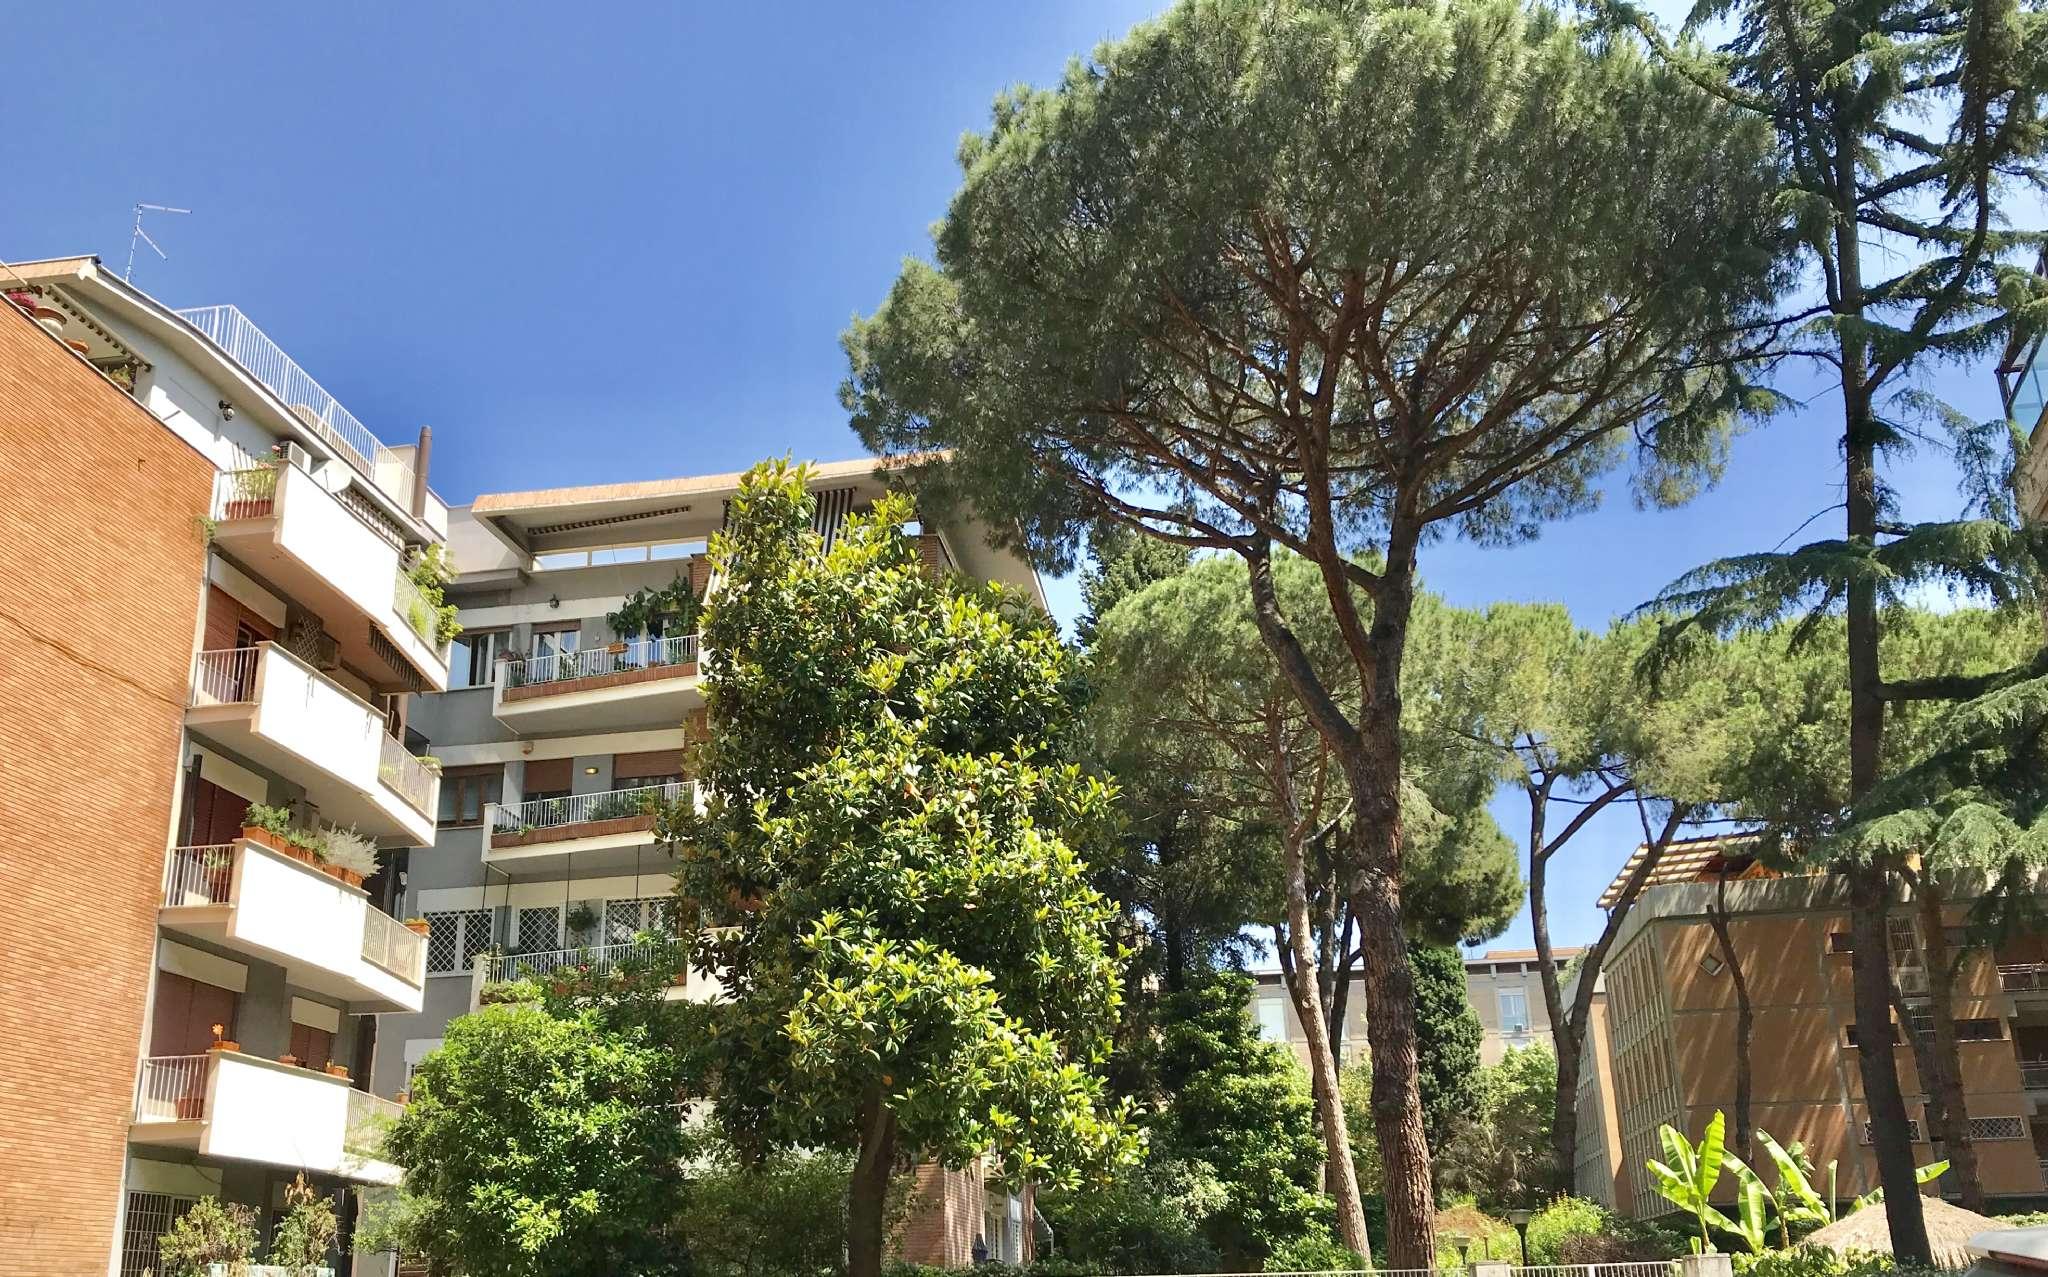 appartamento vendita roma di metri quadrati 140 prezzo 750000 nella zona di  eur torrino rif eur 87f7b036e25